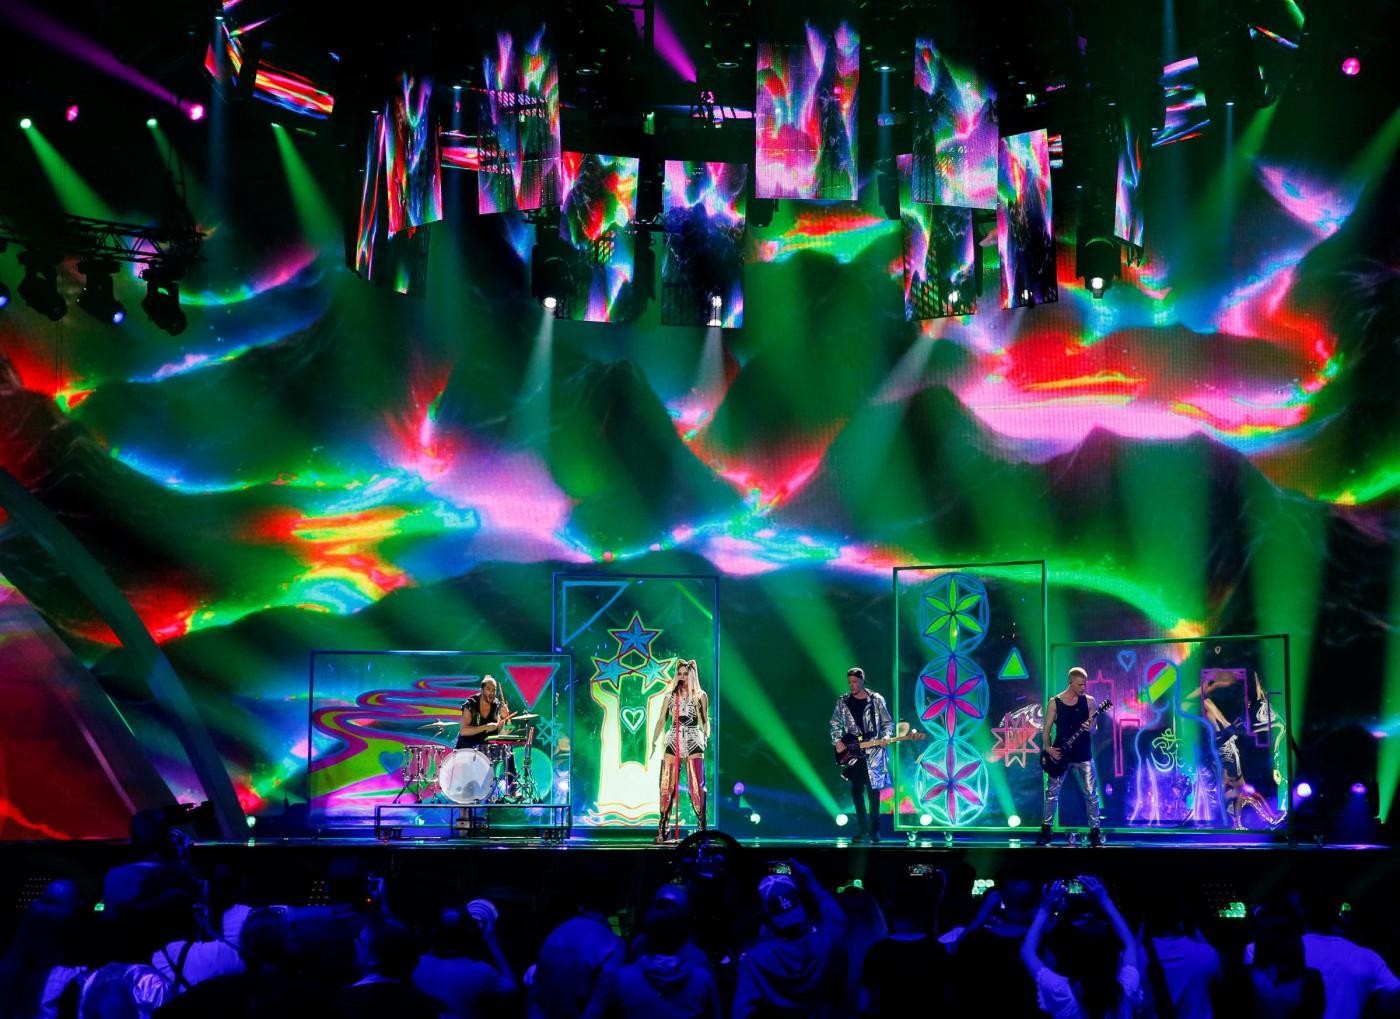 Eurovision 2017, le foto e il resoconto della prima semifinale con i paesi eliminati